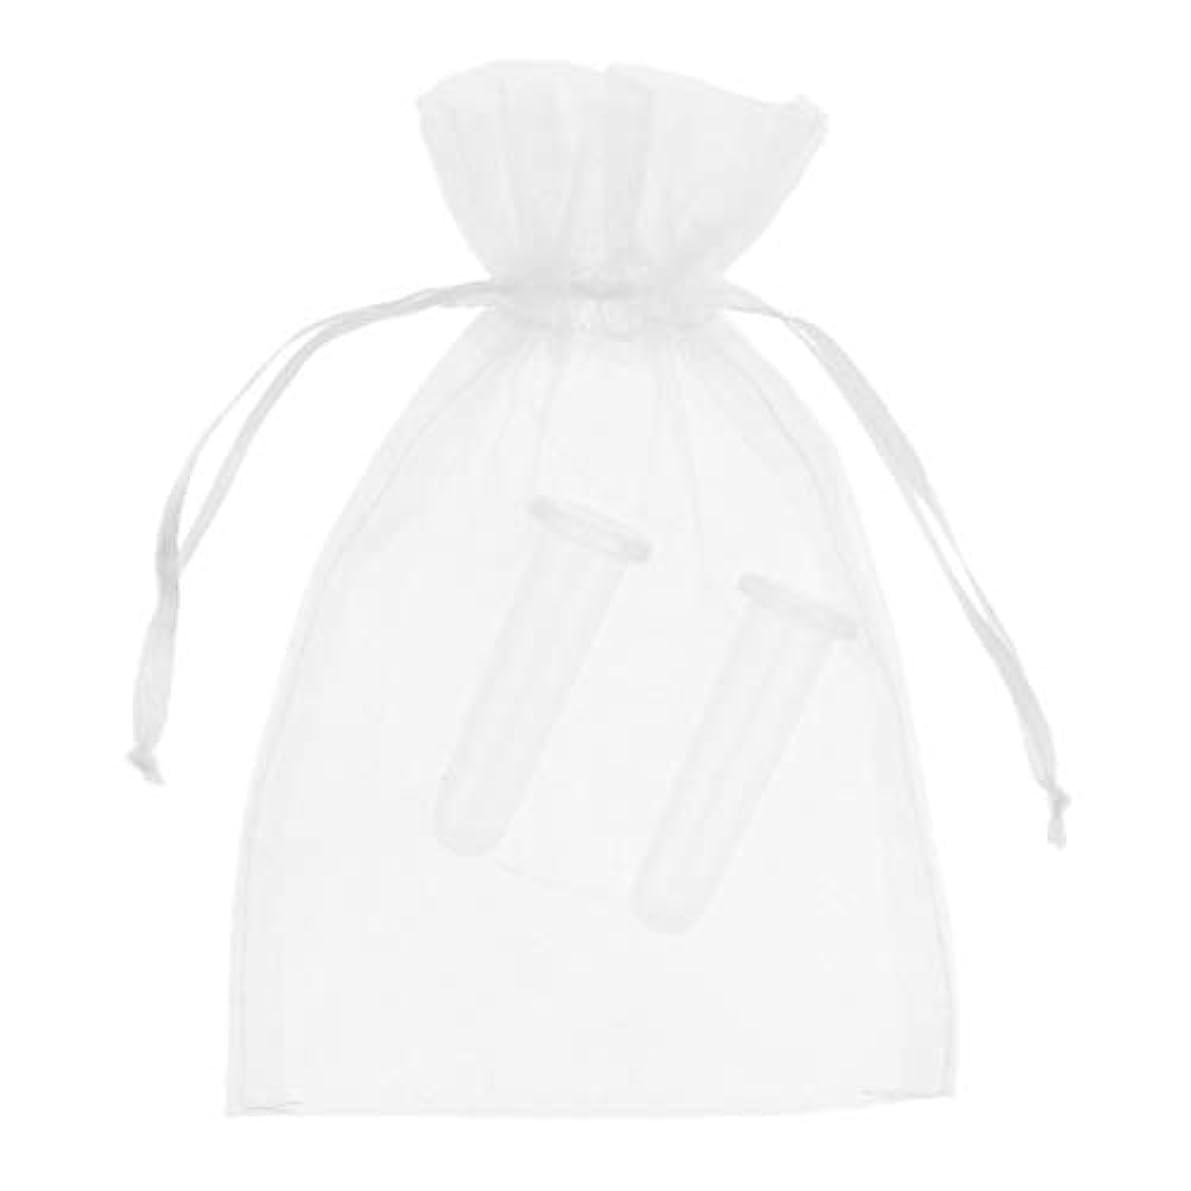 障害者思春期離す2個 シリコーン製 真空 顔用マッサージ カッピング 吸い玉カップ カッピング 収納ポーチ付き全2色 - ホワイト